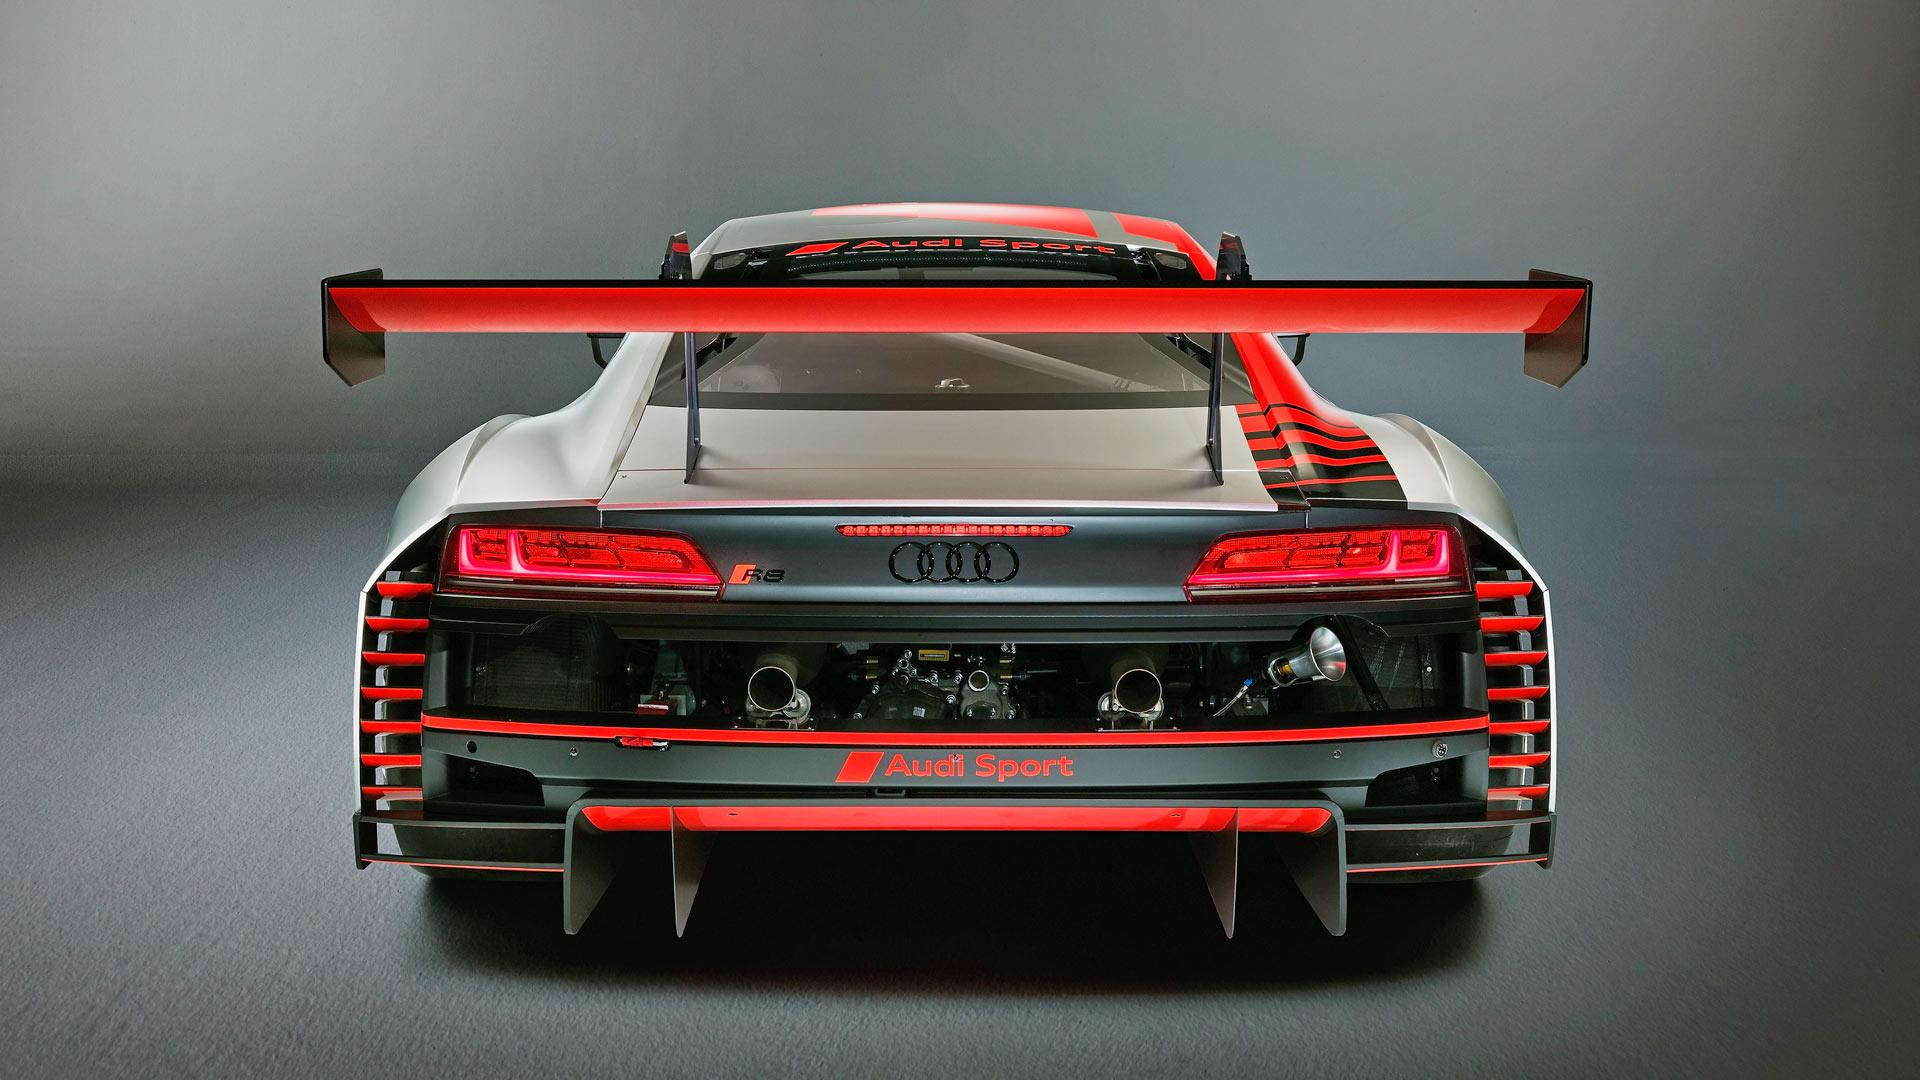 2019-Audi-R8-LMS-GT3_6